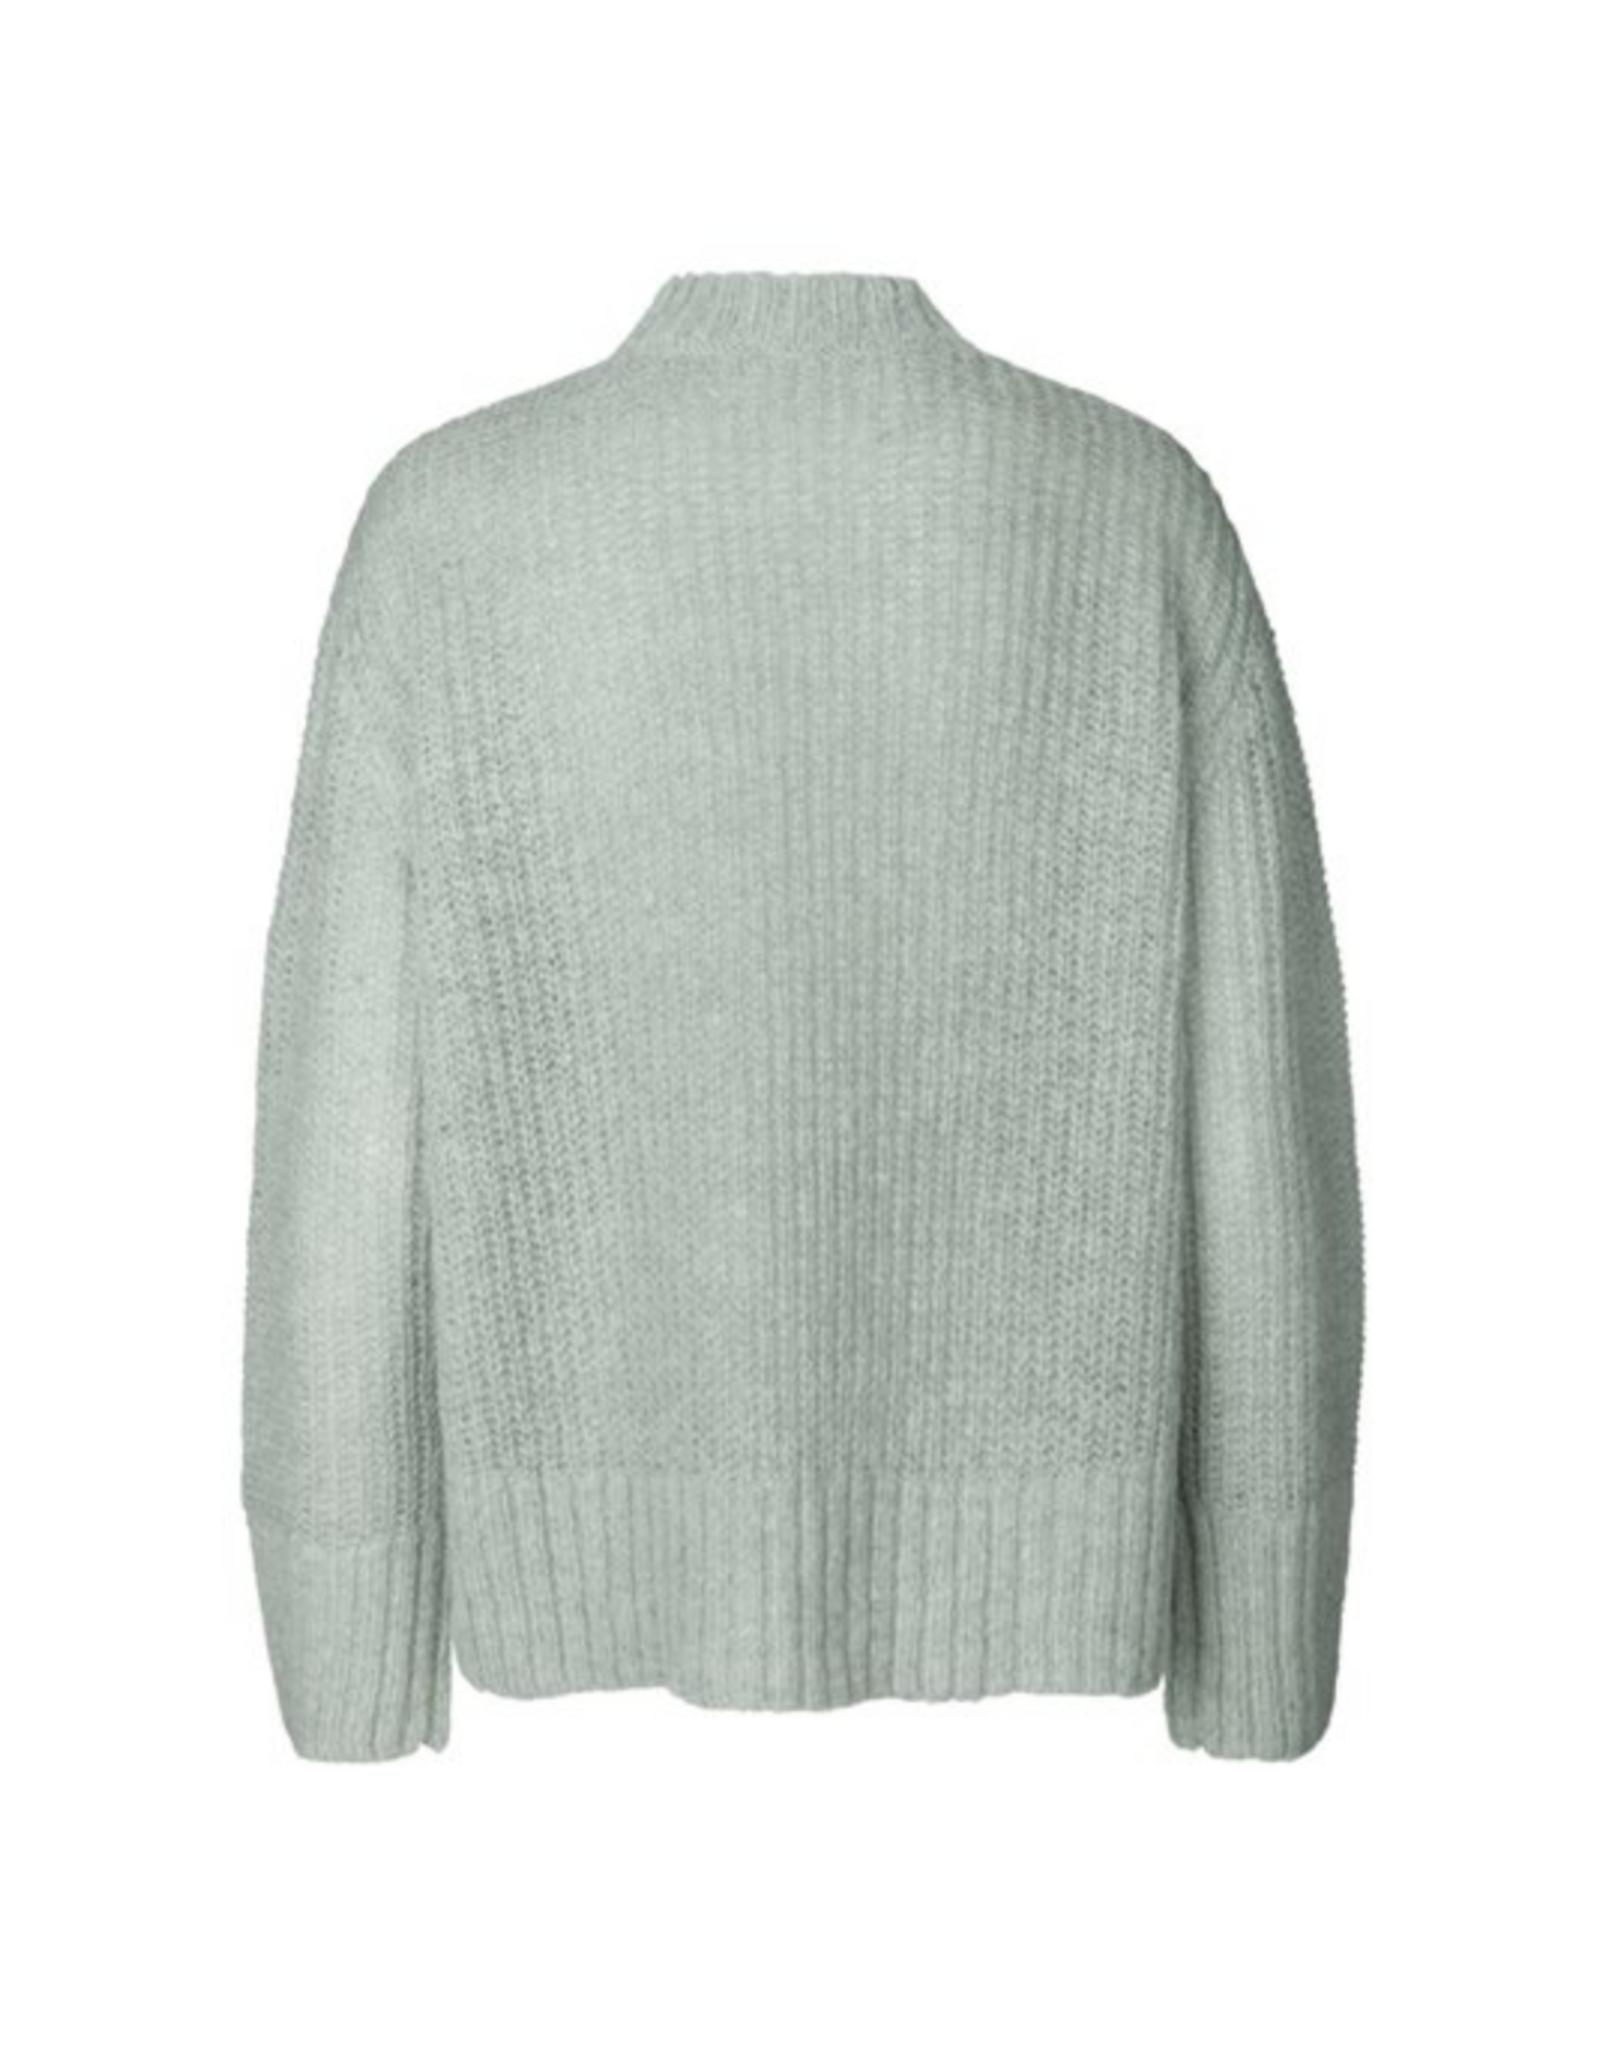 MbyM Bennora Knit green